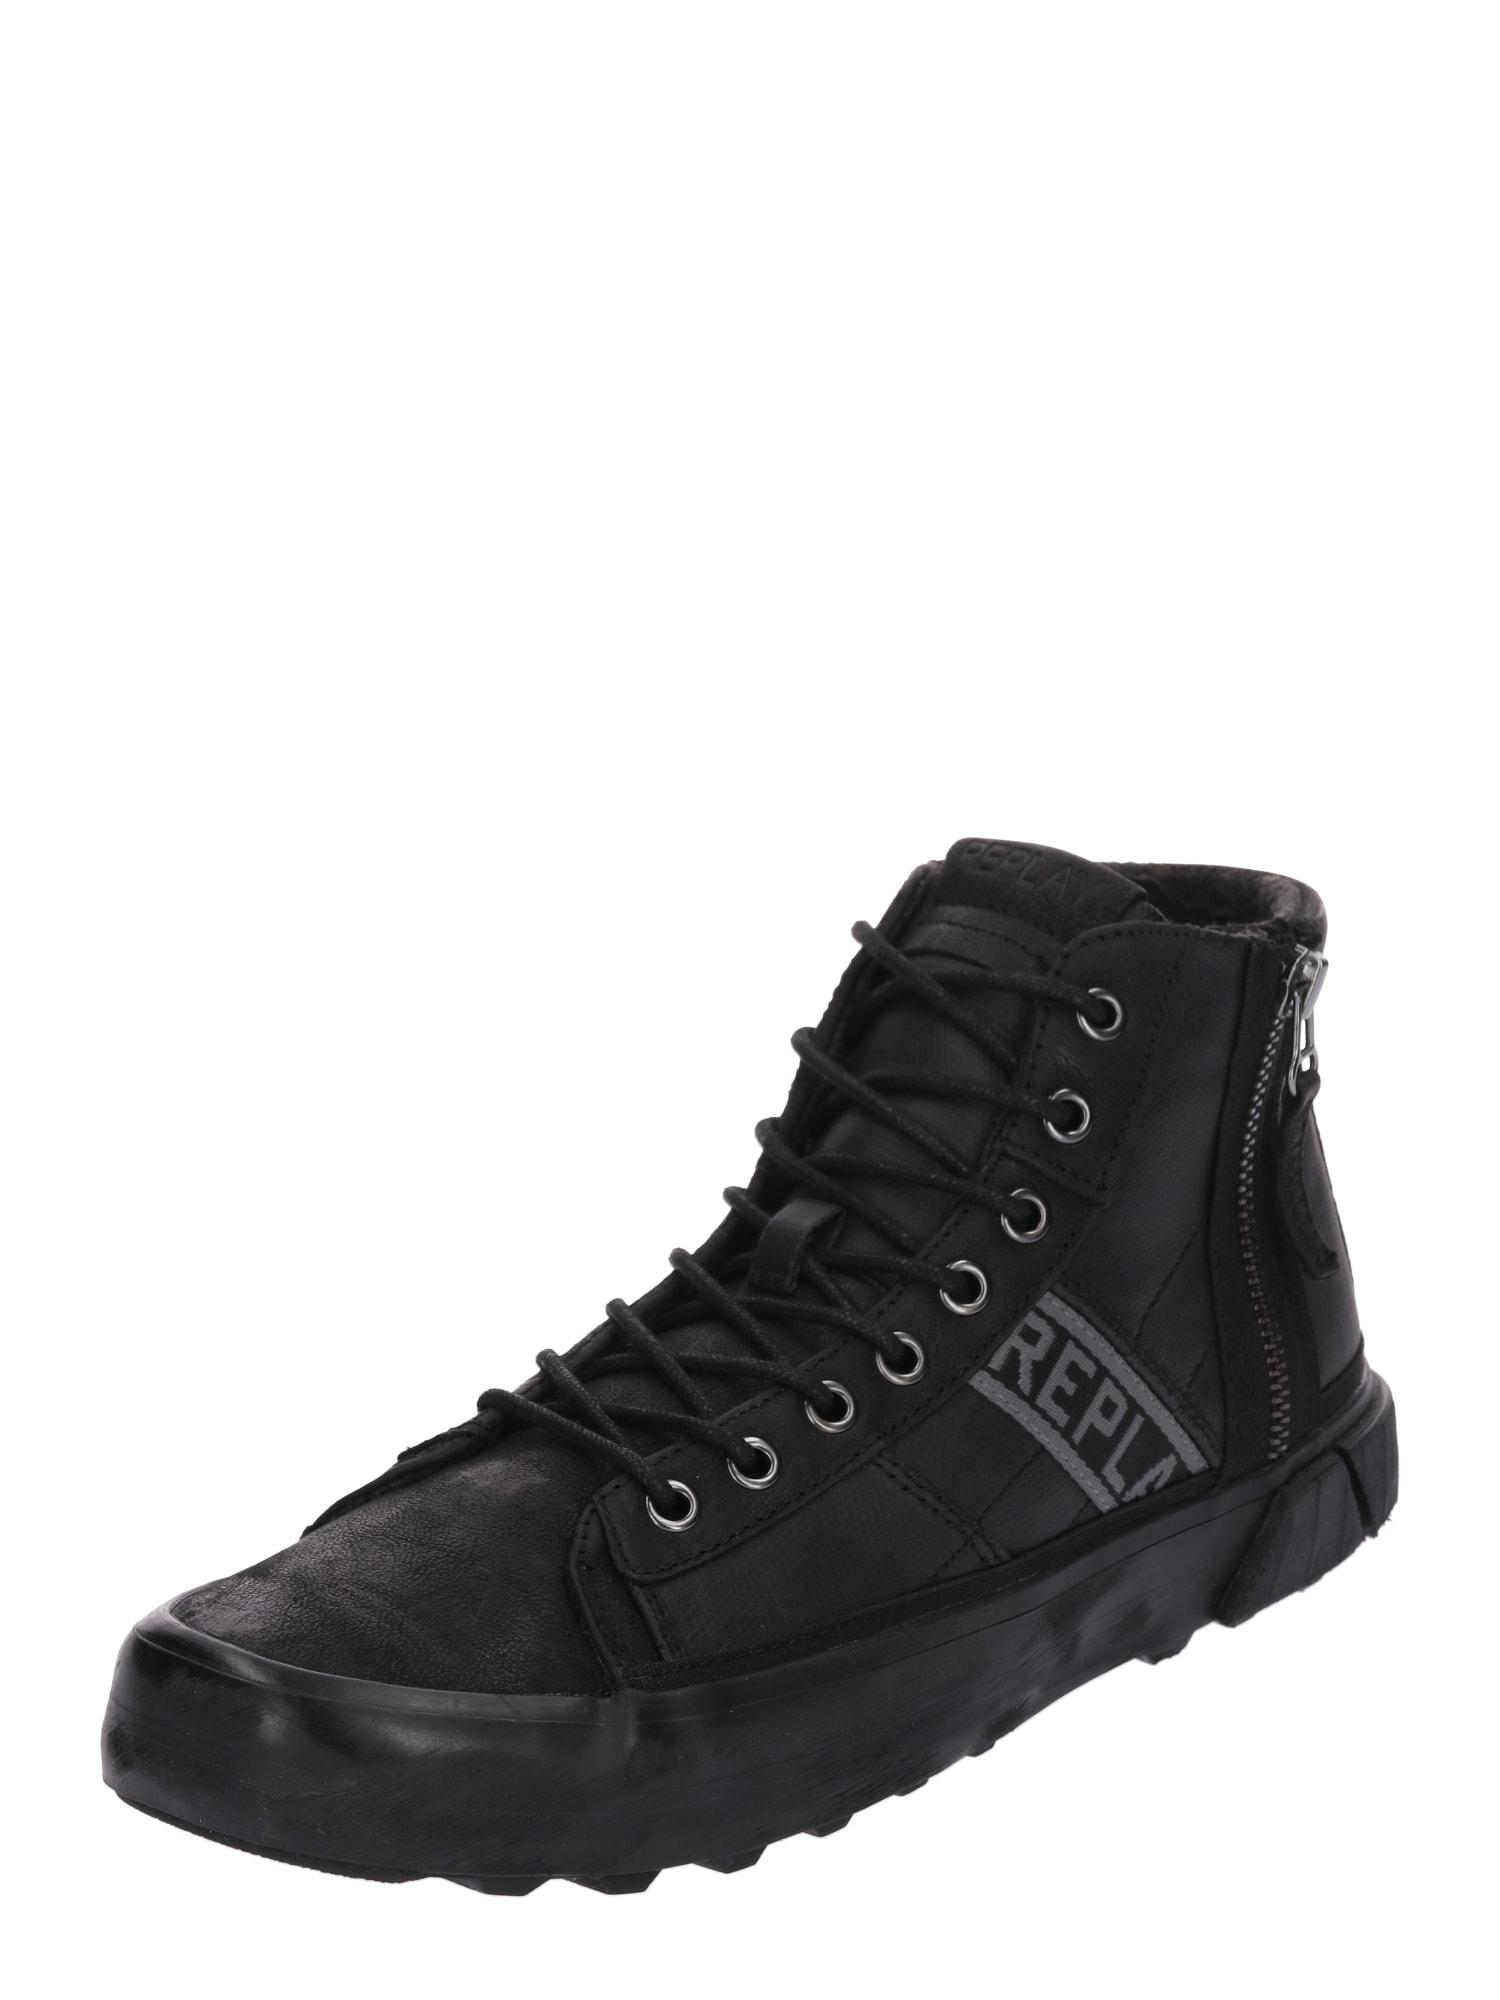 REPLAY Herren Sneaker mit Schnürung und Reißverschlüssen schwarz   08056741786316